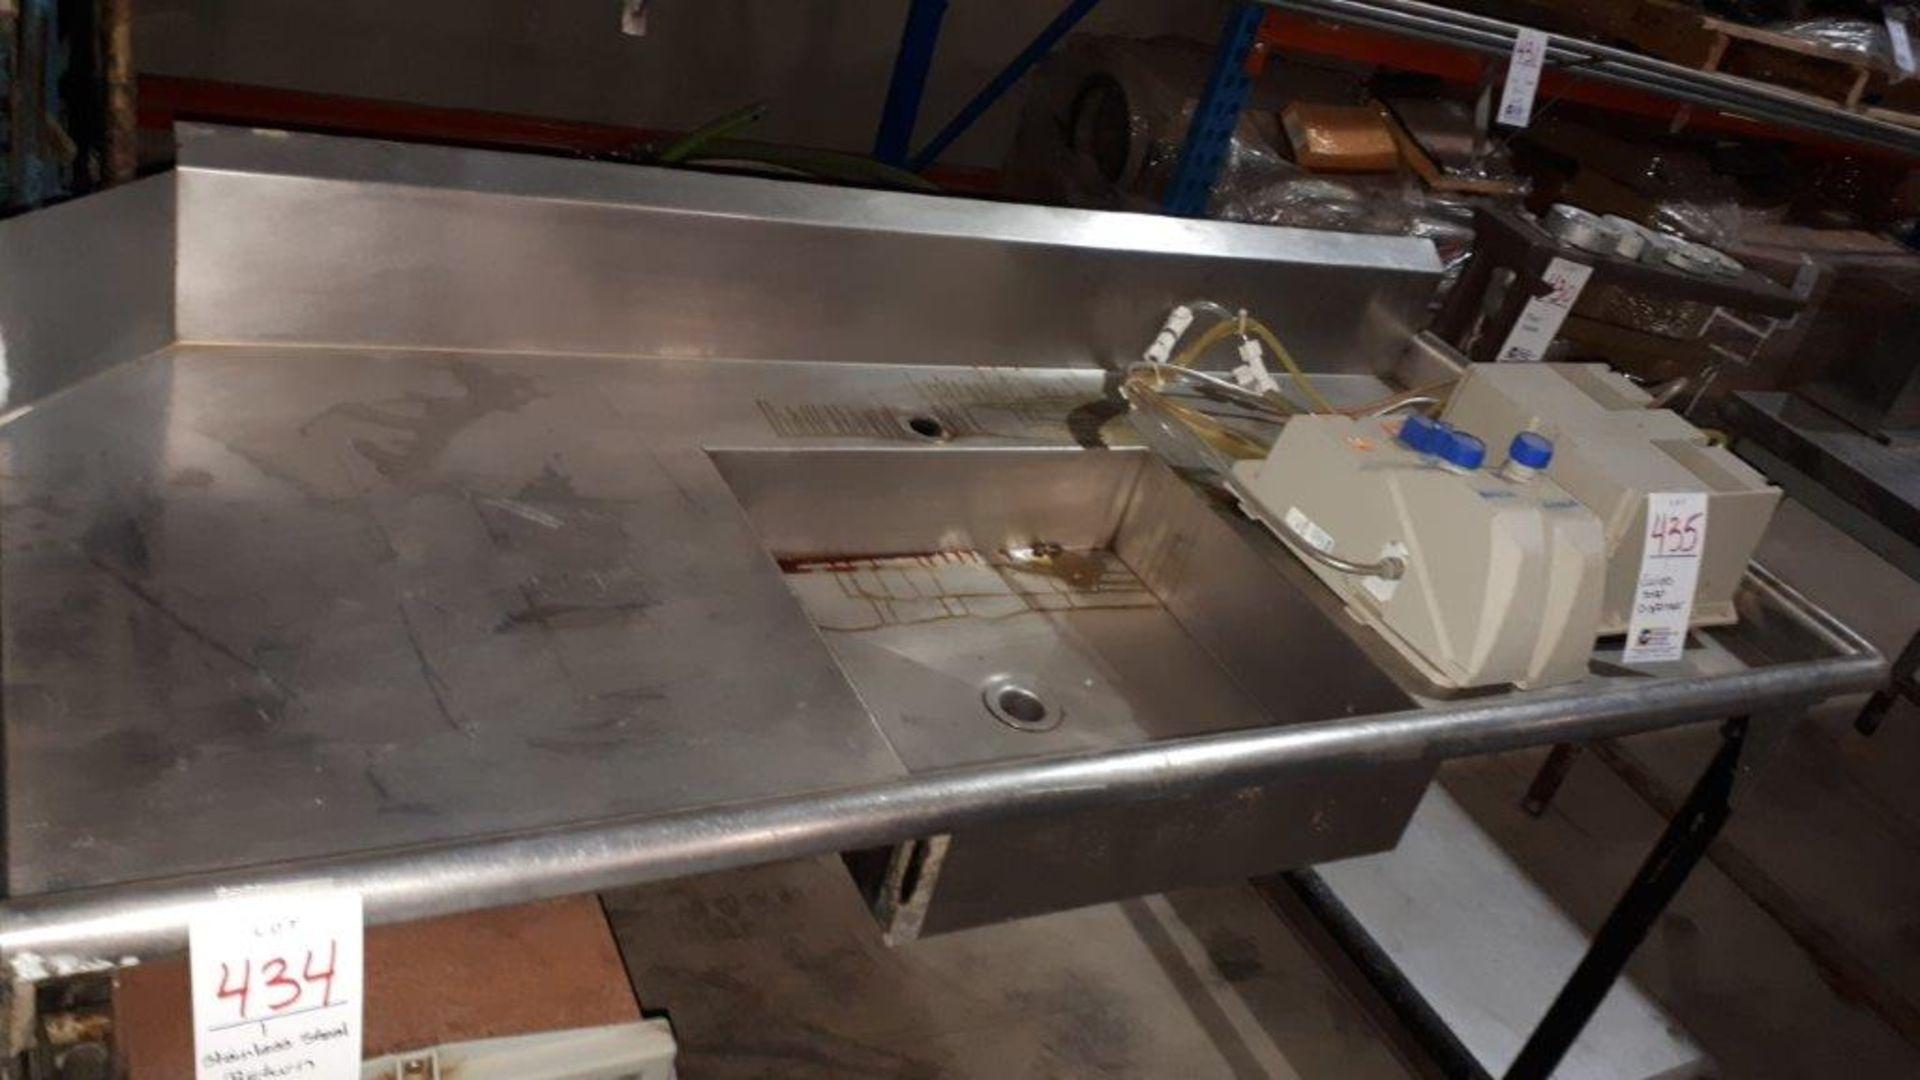 Stainless steel return & sink